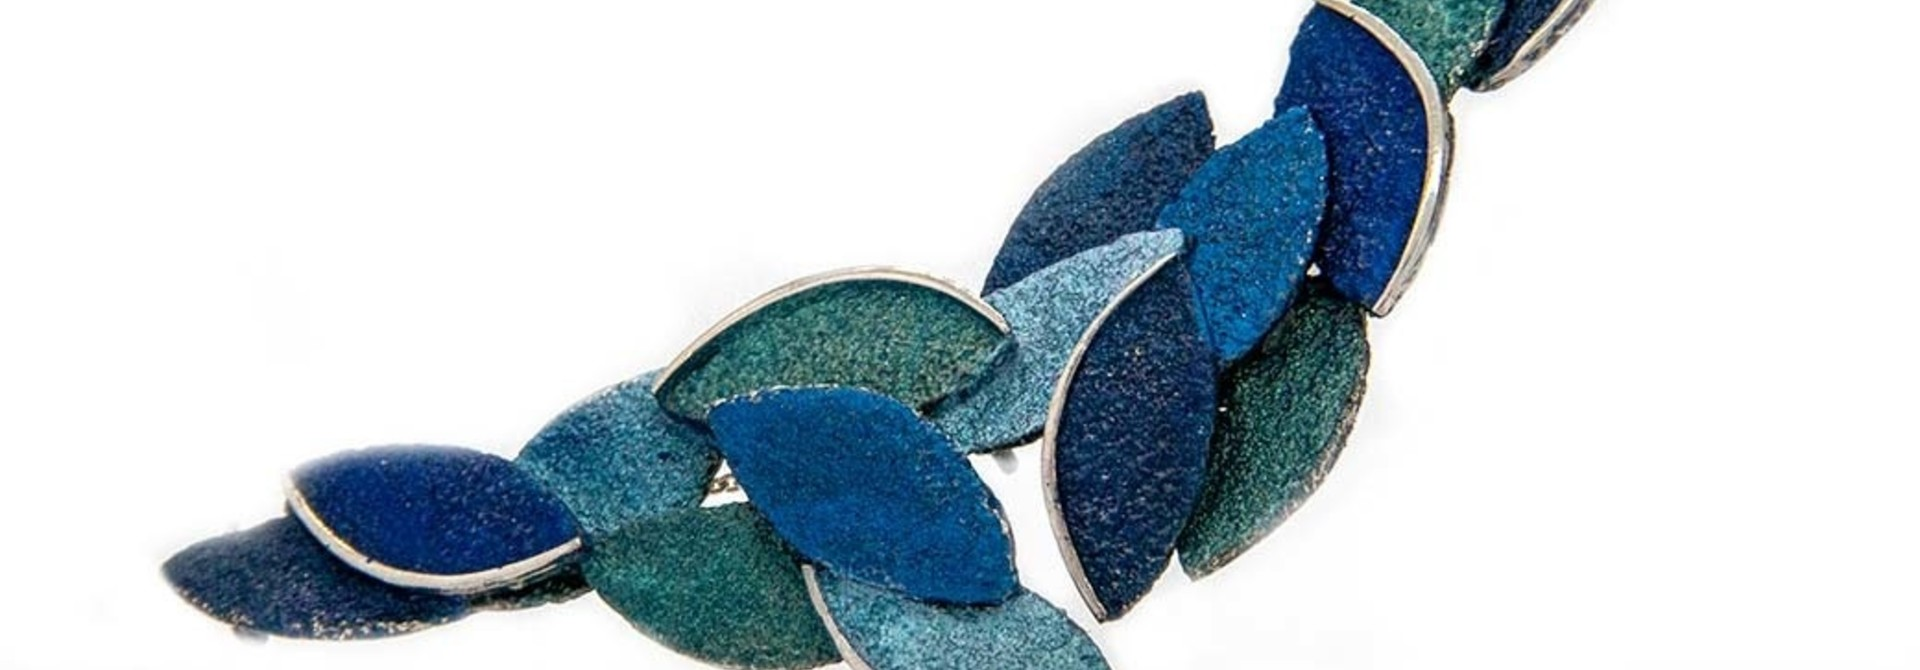 Eire blue necklace